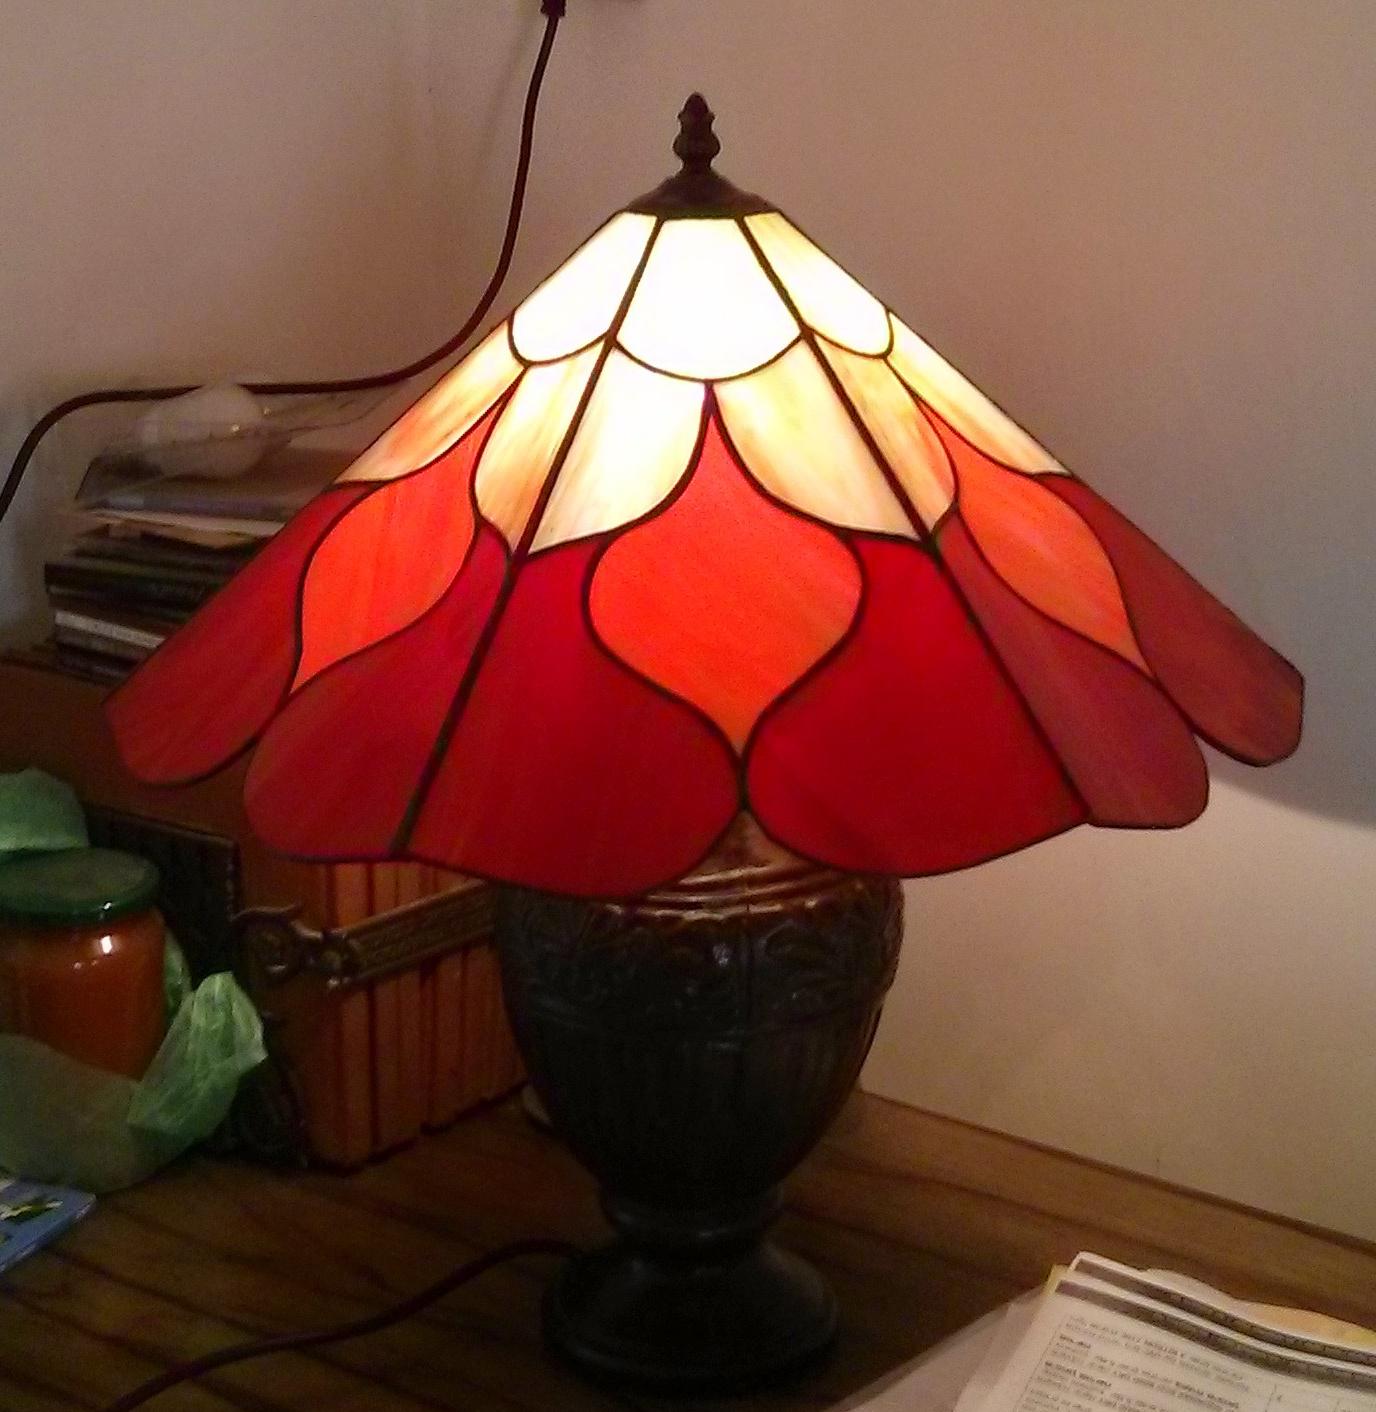 מנורת שולחן מנורת ויטראז טיפאני על רגל